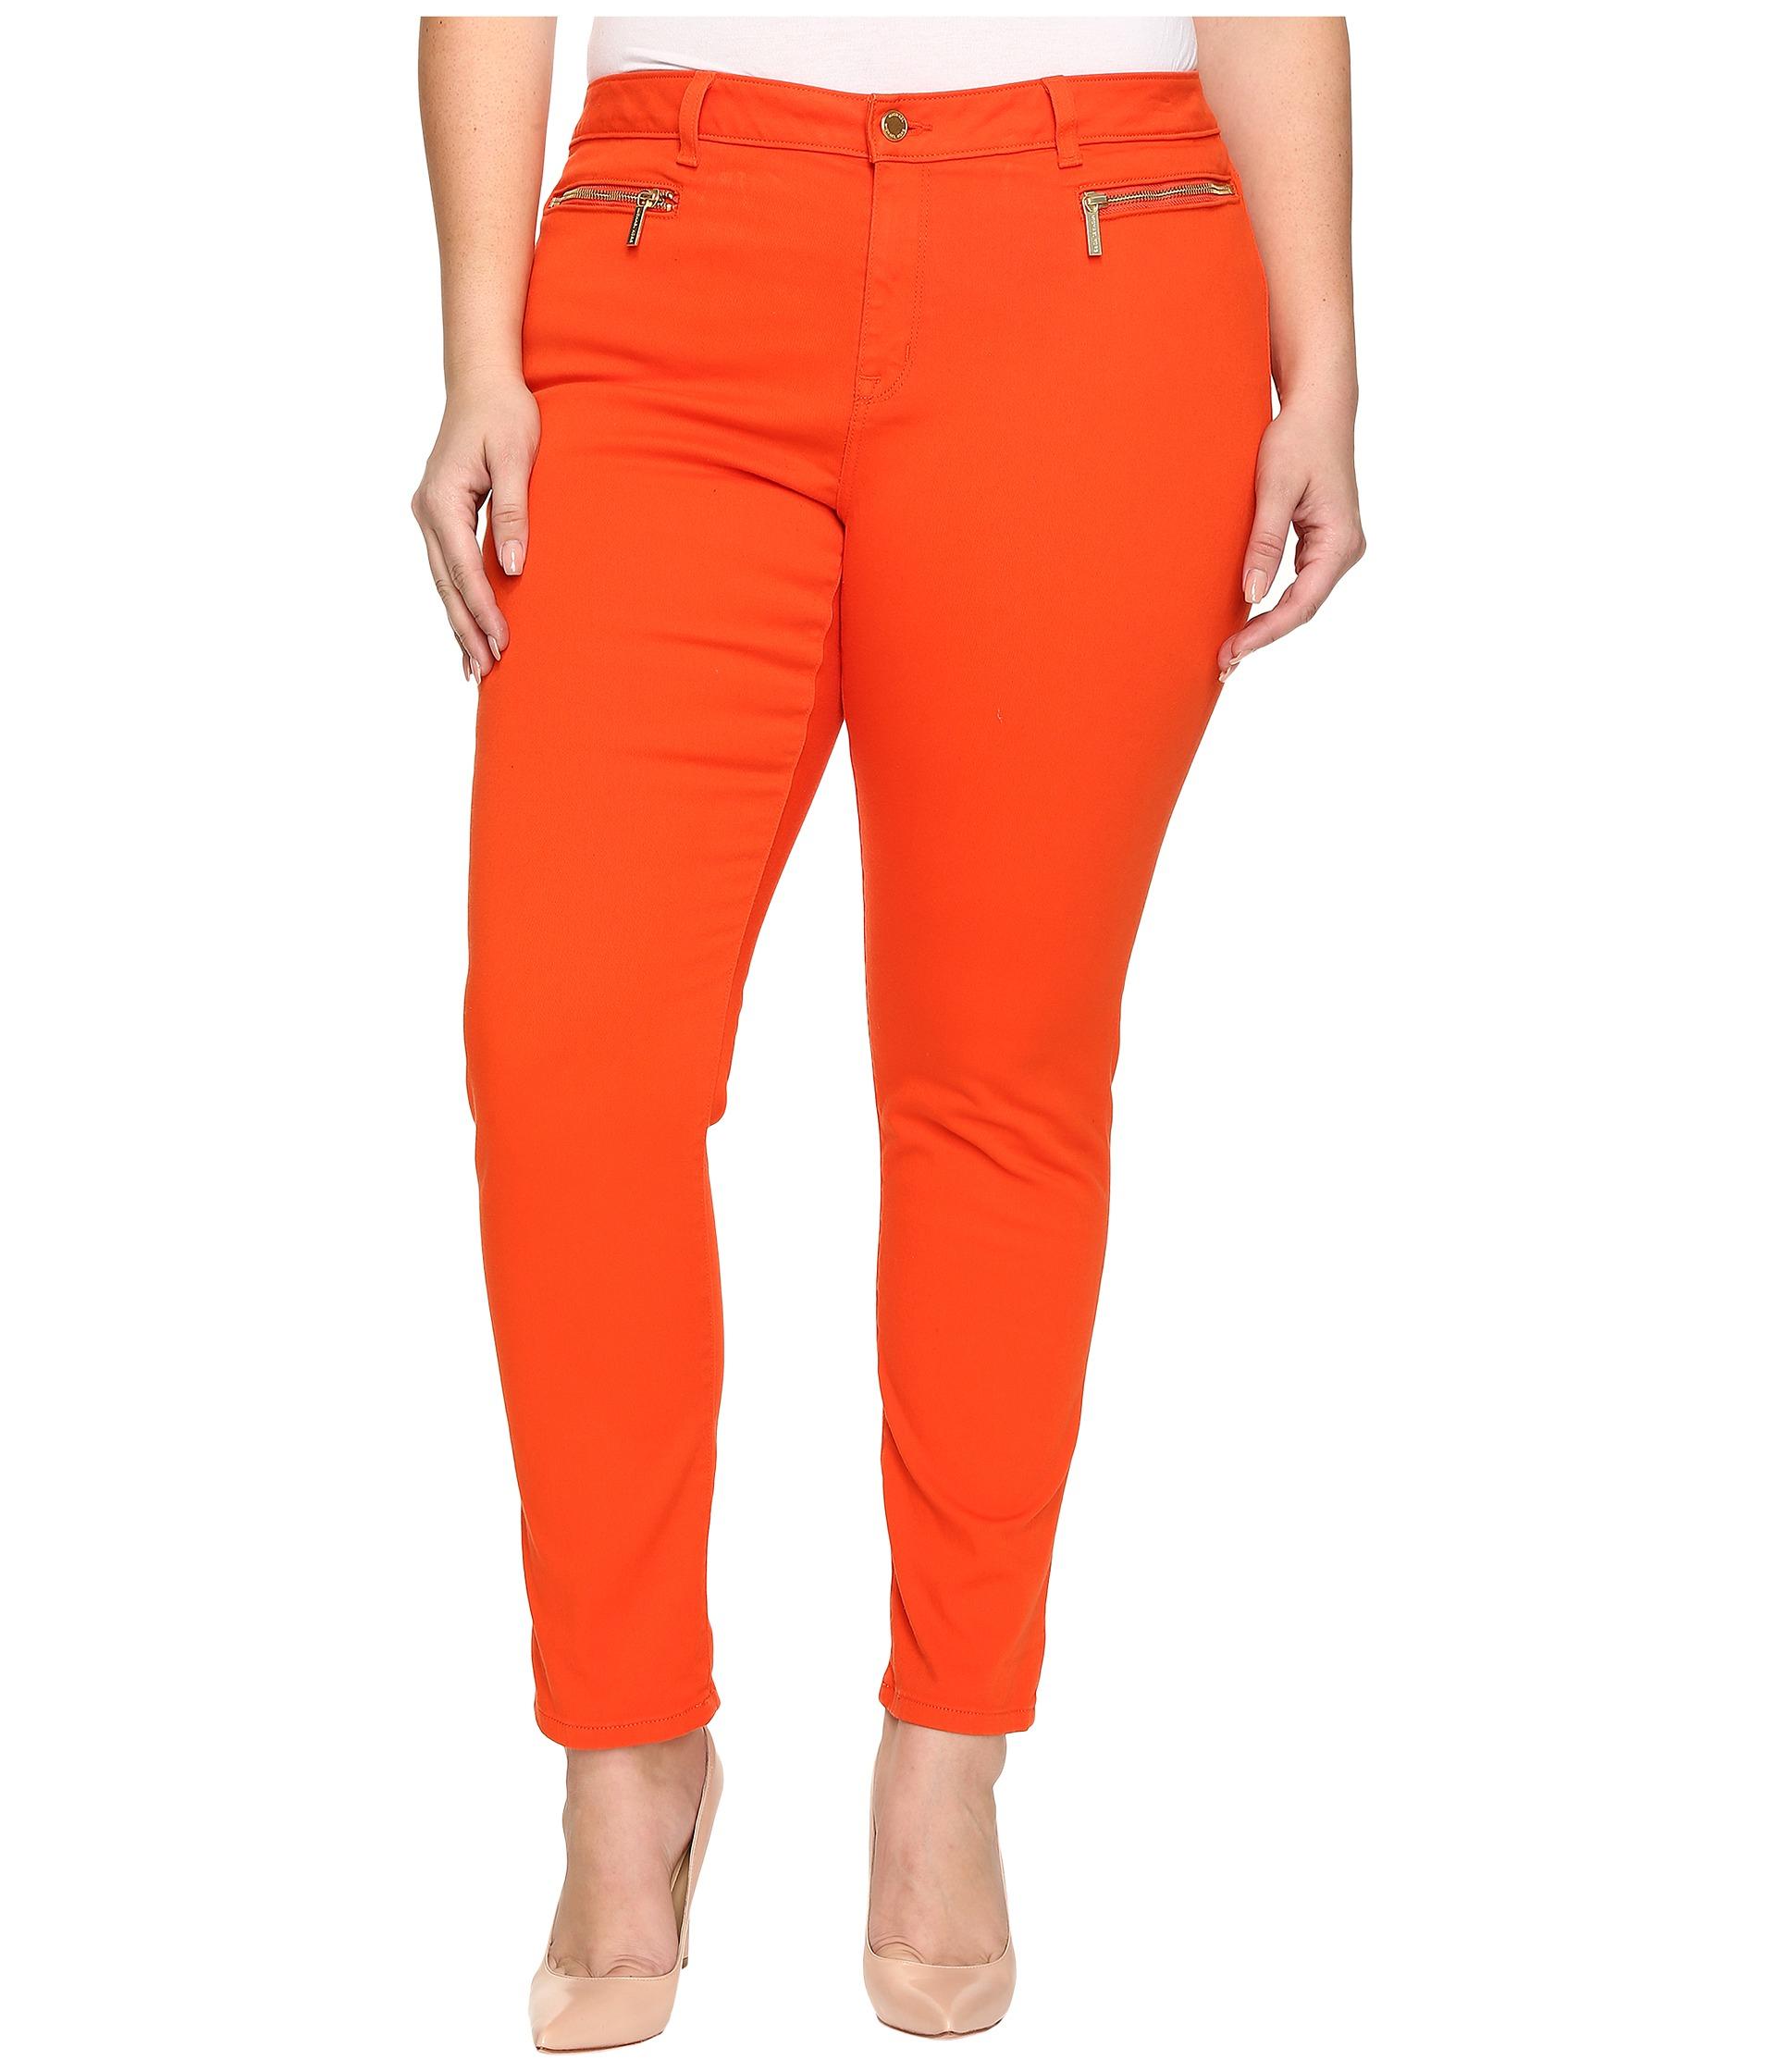 Michael michael kors Plus Size Skinny Jeans W/ Zip in Orange | Lyst